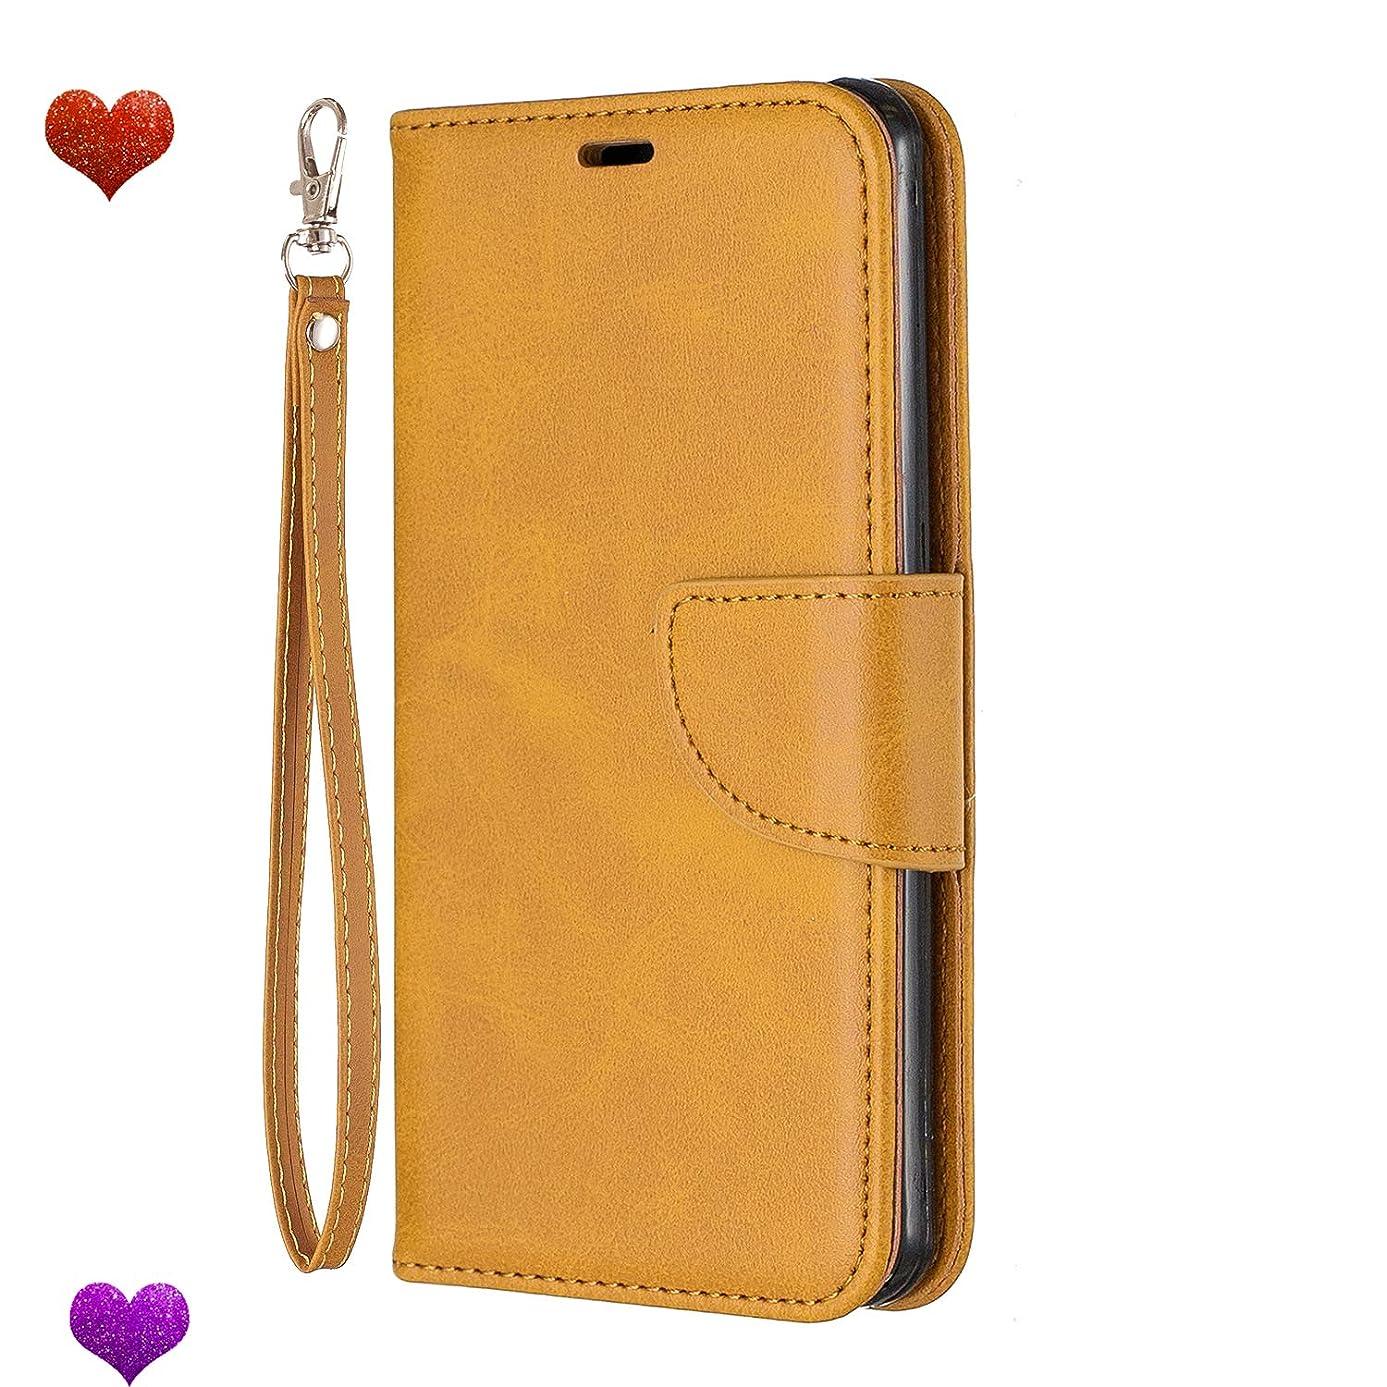 類推ベール意欲Samsung Galaxy A3 2017 ケース 手帳型 本革 レザー カバー 財布型 スタンド機能 カードポケット 耐摩擦 耐汚れ 全面保護 人気 アイフォン